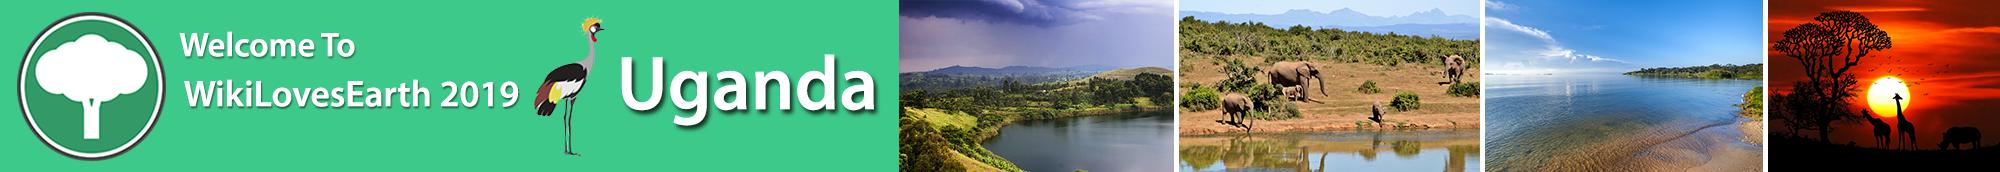 Wiki Loves Earth 2019 in Uganda